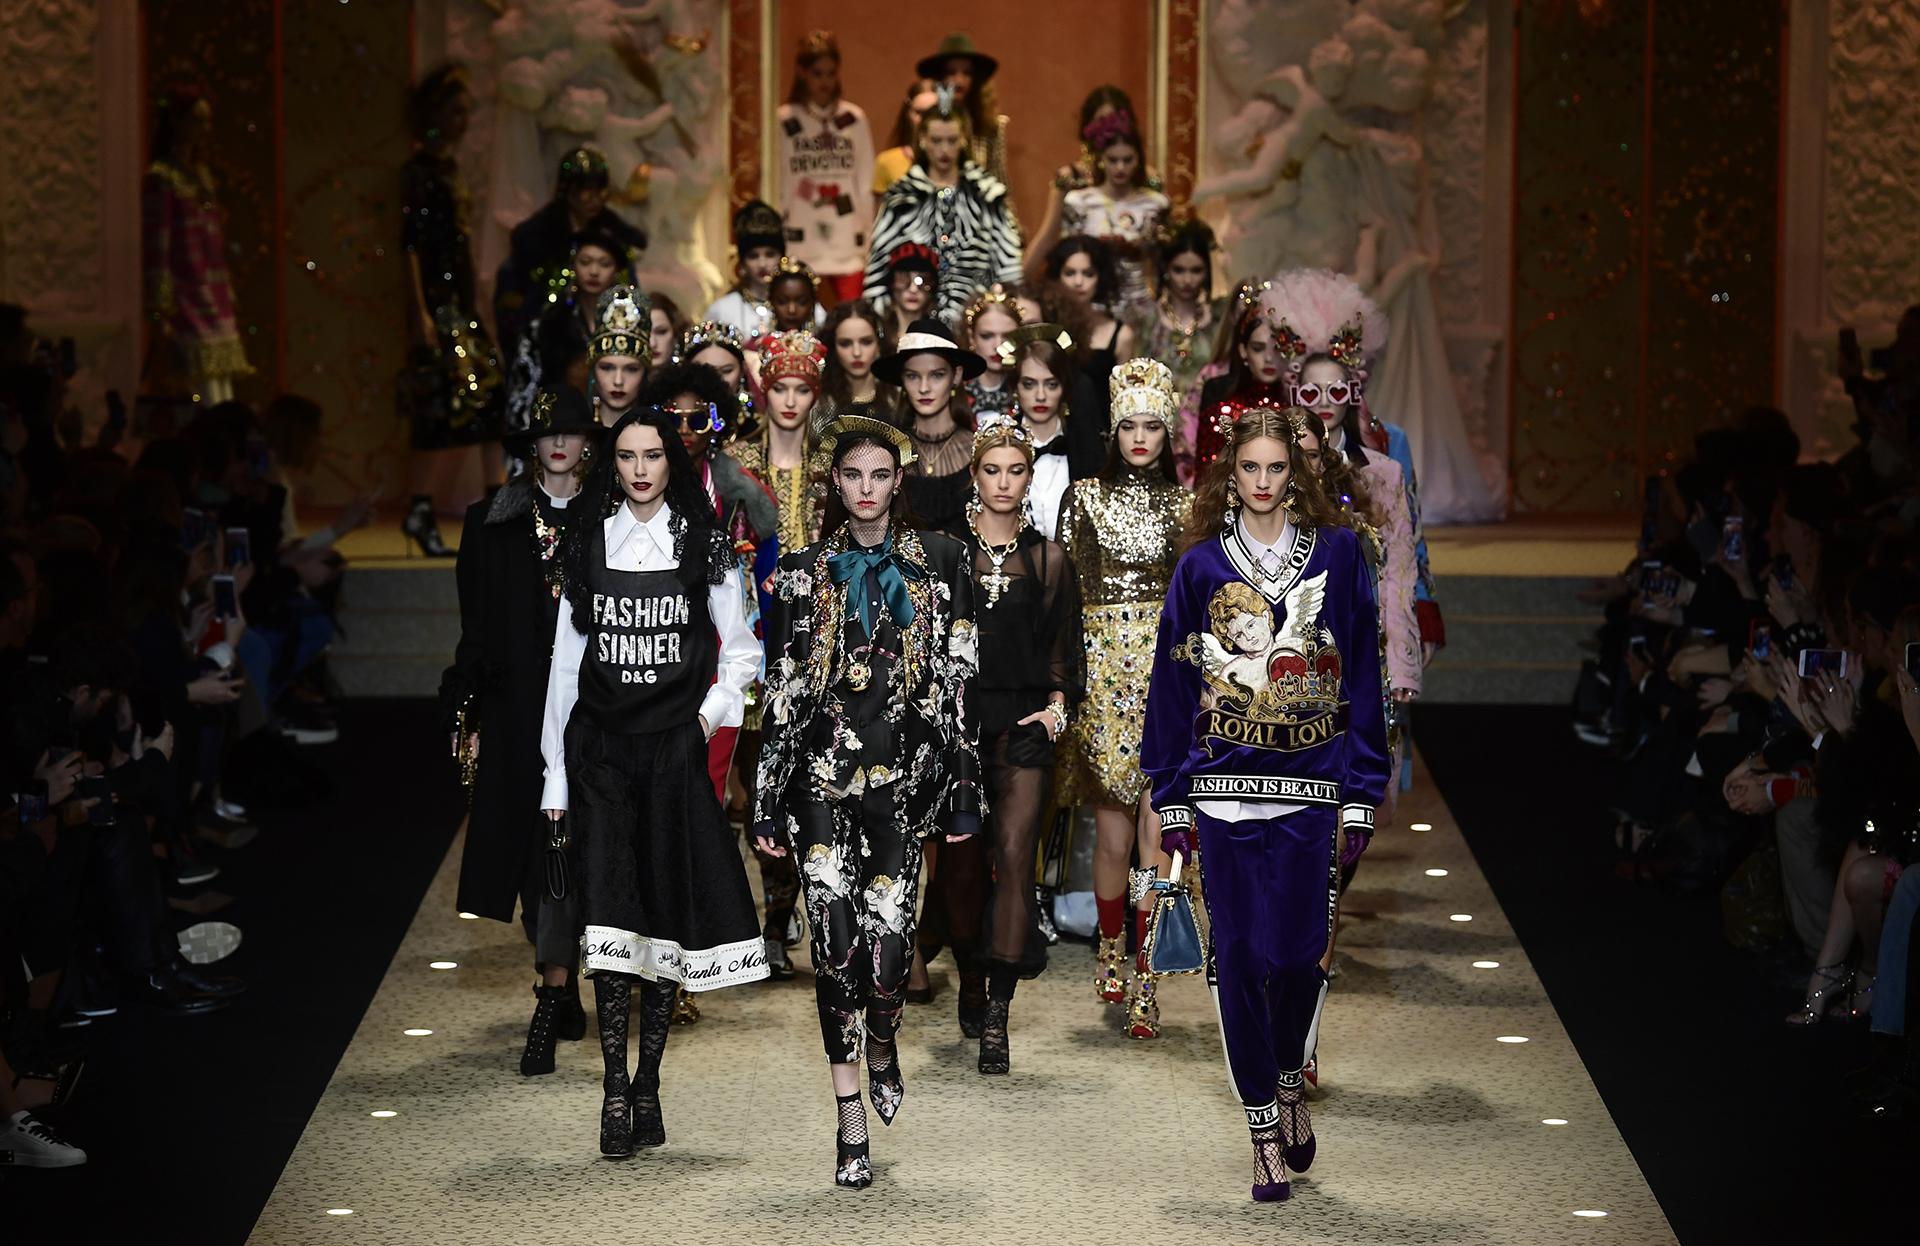 Las modelos lucieron estampas 'sacras', piezas bordadas, abrigos con apliques, brillo y pedrería (AFP)